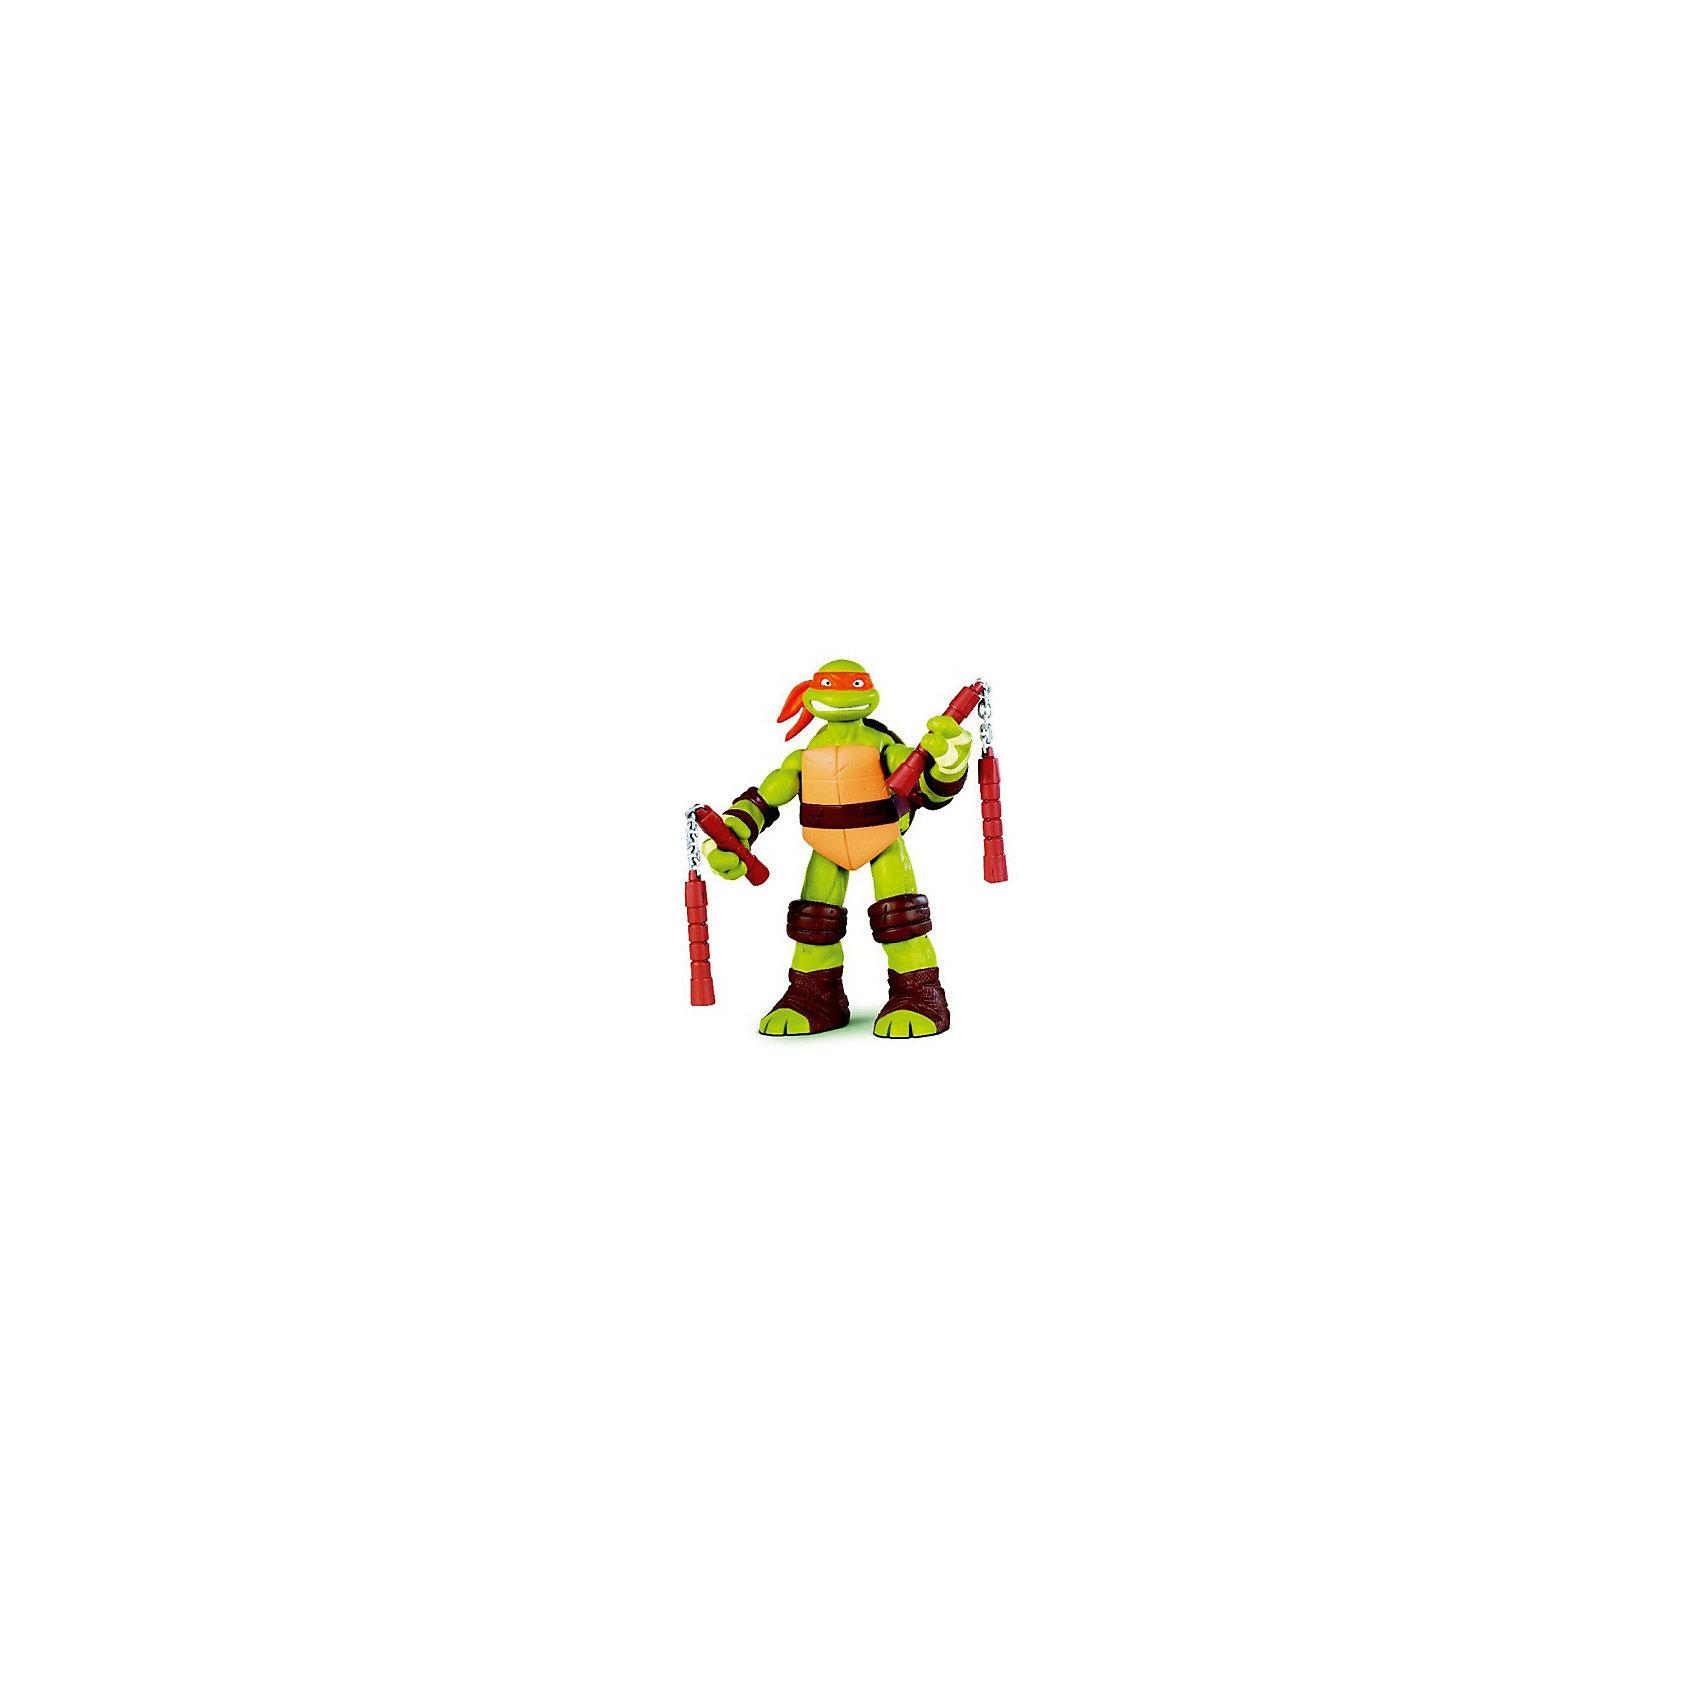 Фигурка Микеланджело, 28см, Черепашки НиндзяФигурки из мультфильмов<br>Фигурка Микеланджело, 28 см, Черепашки Ниндзя.  Playmates представляет новых героев серии Movie Line ? черепашки Ниндзя. Полная серия черепашек Ниндзя состоит из четырех героев: Леонардо,  Донателло, Рафаэль и Микеланджело. Микеланджело ? один из героев фильмов Teenage Mutant Ninja Turtles, обожаемых всеми мальчишками. Согласно сюжету фильма Микеланджело самый веселый персонаж, обладает чувством юмора и добрым сердцем, носит оранжевую повязку. Его любимое оружие ? нунчаки. Фигурка выполнена из качественного прочного пластика, устойчивого к повреждениям, имеет удобный размер (28 см). У черепашки Микеланджело подвижные руки и ноги и суставы, сзади у него имеется открывающийся панцирь, который предназначен для хранения дополнительного оружия и аксессуаров.<br>Данная игрушка способствует формирует коммуникативных навыков, развивает воображение и память. Играя с этими героями, ваш ребенок приобретает навыки социального общения и отрабатывает эффективные методы взаимодействия с другими детьми.<br><br>Дополнительная информация:<br><br>- Вид игр: сюжетно-ролевые игры <br>- Предназначение: для дома, для улицы<br>- Материал: качественный пластик<br>- Размер (ДхШхВ): 28*8,5*33 см<br>- Вес: 385 г<br>- Комплектация: дополнительное оружие<br>- Особенности ухода: разрешается мыть<br><br>Подробнее:<br><br>• Для детей в возрасте: от 4 лет и до 11 лет<br>• Страна производитель: Китай<br>• Торговый бренд: Playmates <br><br>Фигурку Микеланджело, 28 см, Черепашки Ниндзя можно купить в нашем интернет-магазине.<br><br>Ширина мм: 280<br>Глубина мм: 85<br>Высота мм: 330<br>Вес г: 385<br>Возраст от месяцев: 48<br>Возраст до месяцев: 132<br>Пол: Мужской<br>Возраст: Детский<br>SKU: 4797139